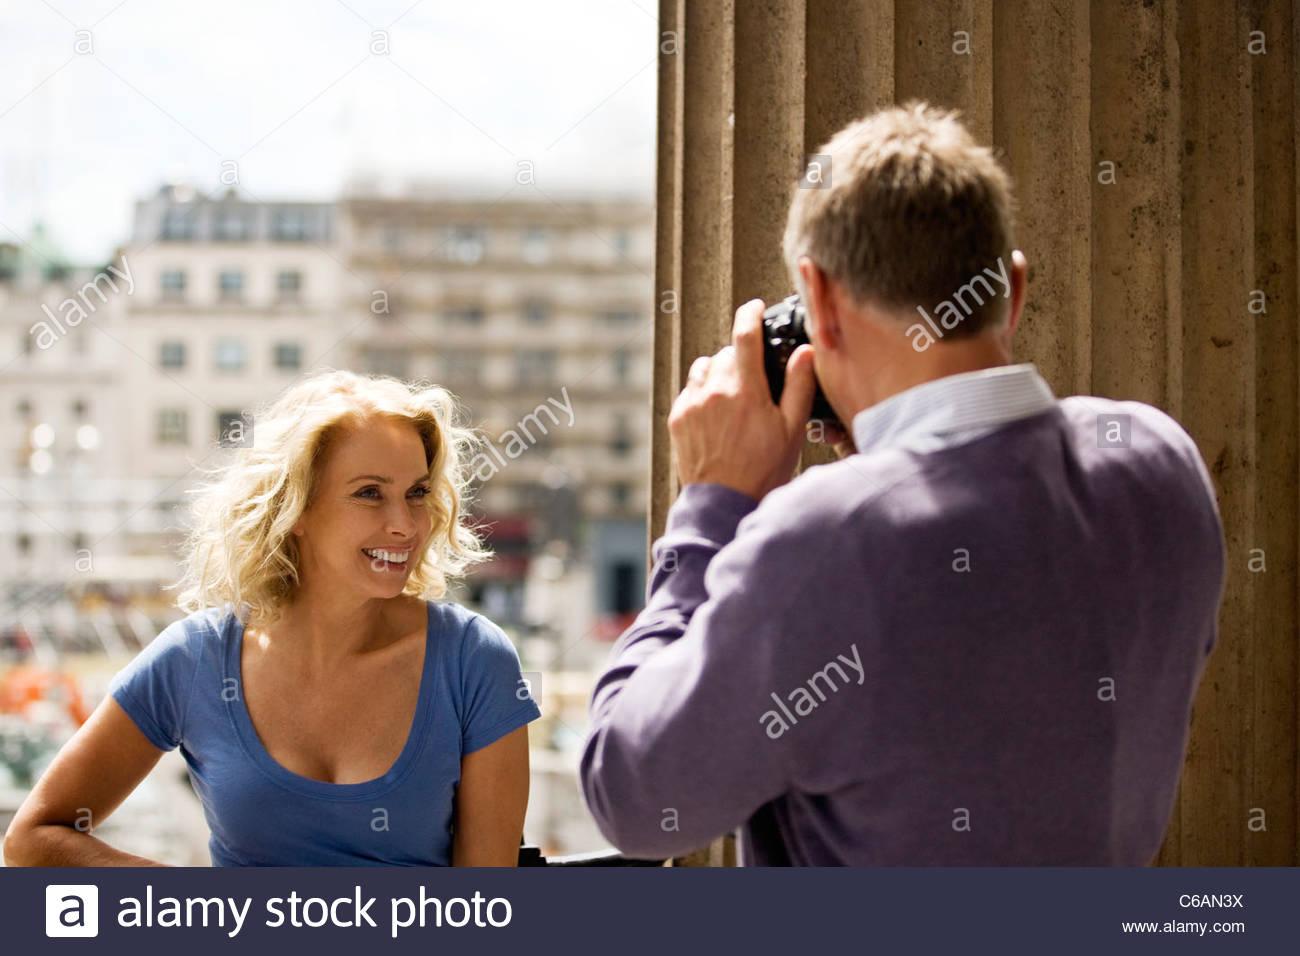 Ein Mann mittleren Alters mit dem Fotografieren von seinem Partner von Trafalgar Square Stockbild